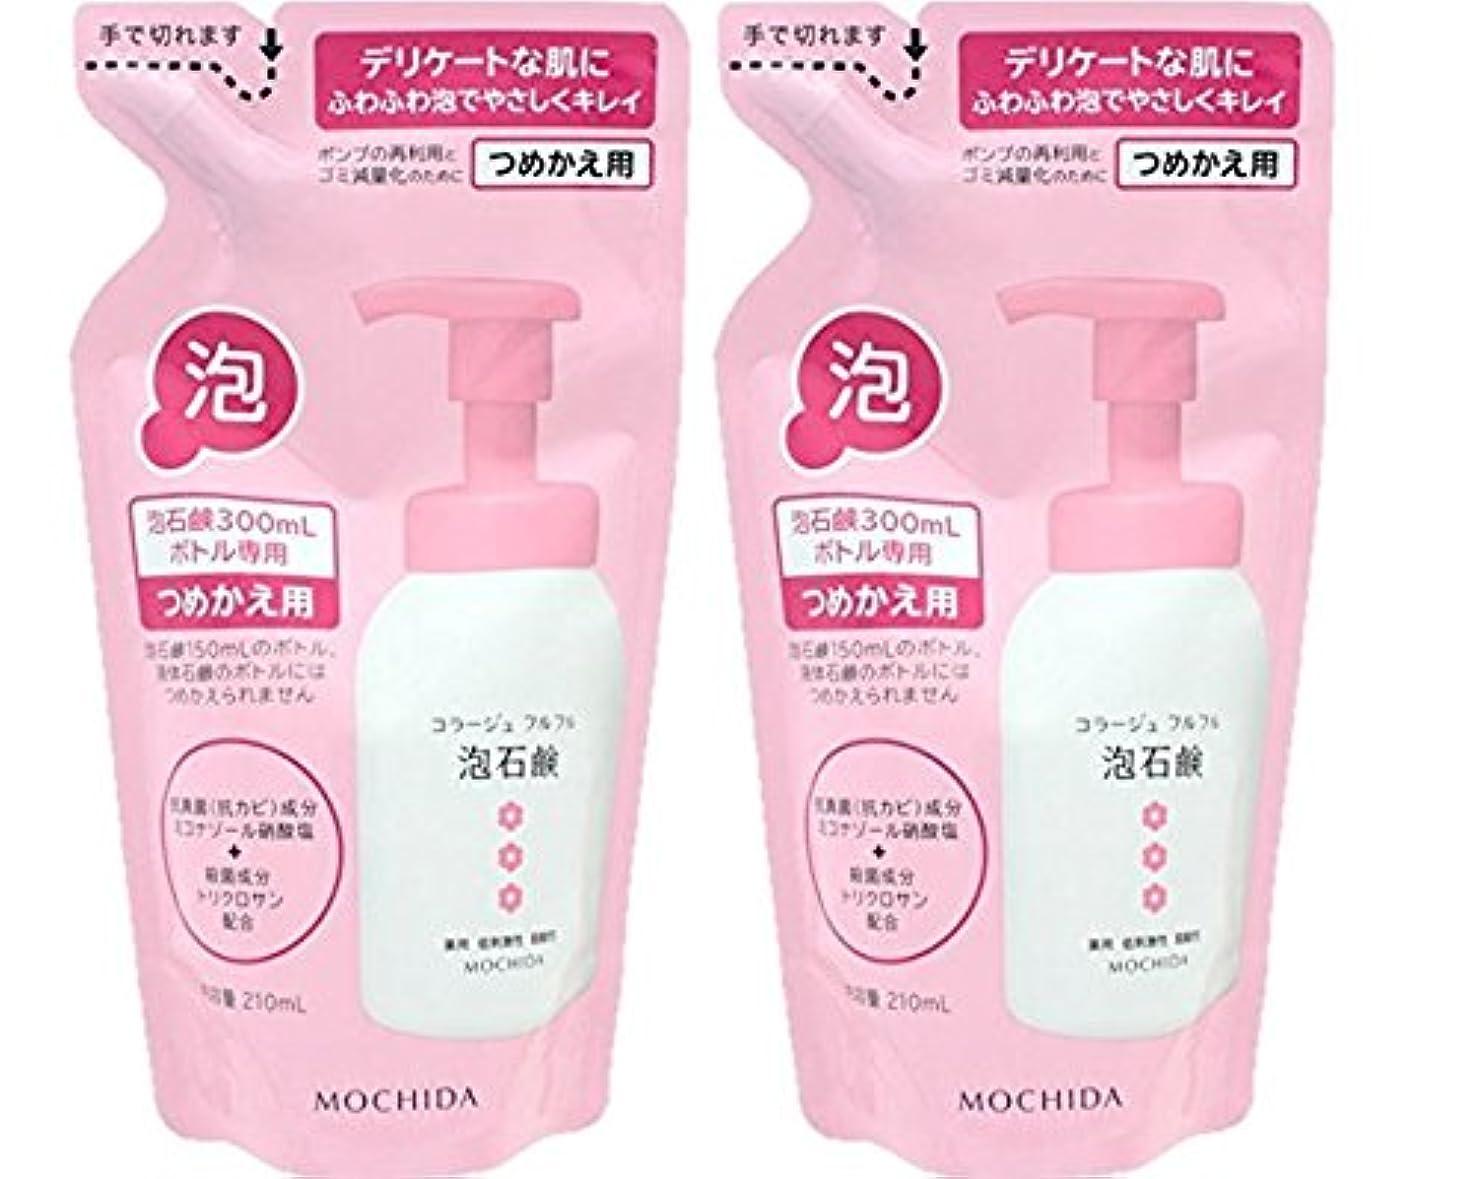 埋めるディスカウント味付けコラージュフルフル 泡石鹸 ピンク つめかえ用 210mL (医薬部外品)×2